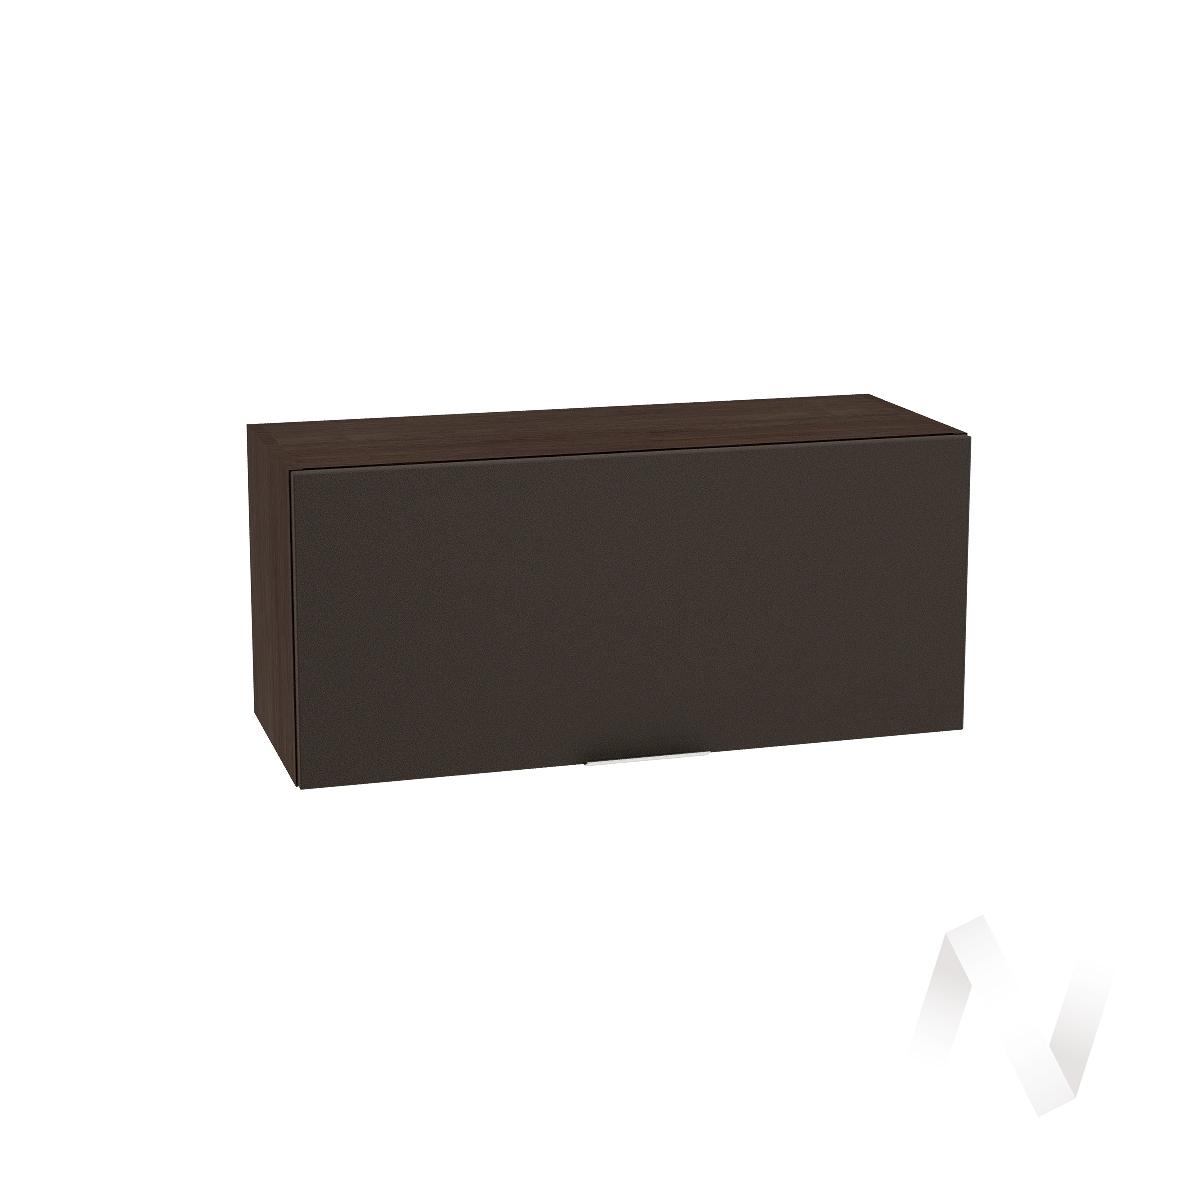 """Кухня """"Терра"""": Шкаф верхний горизонтальный 800, ШВГ 800 (смоки софт/корпус венге)"""